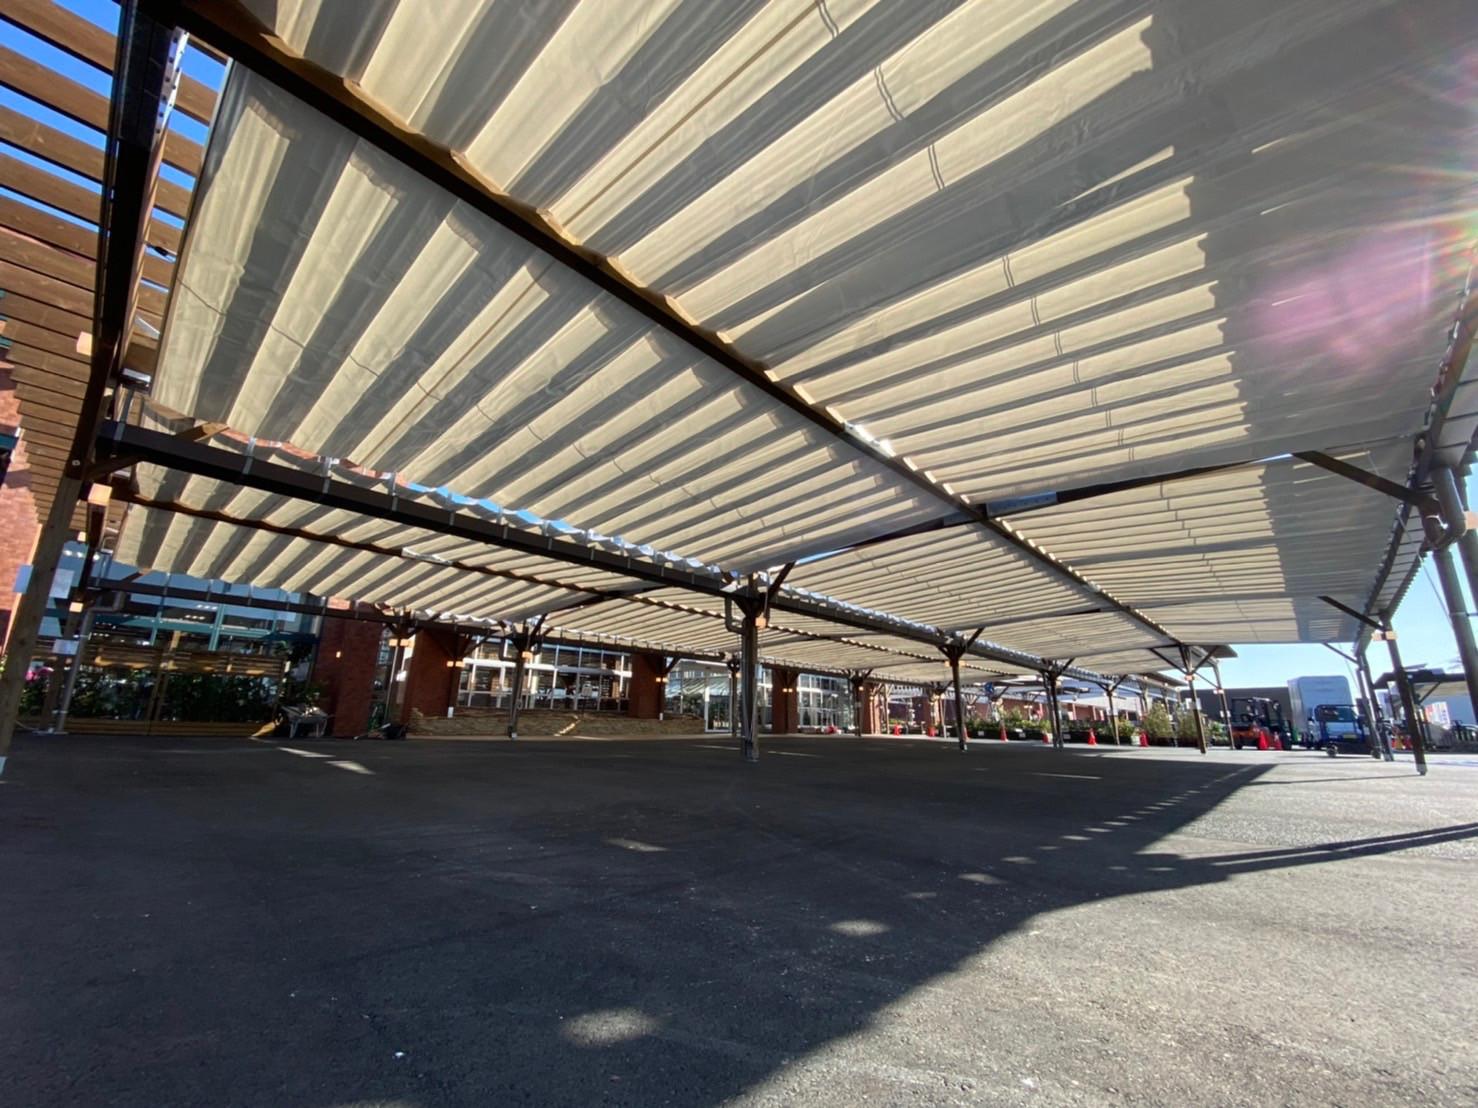 熊本県にて 開閉式テント(ソラカゼ) 施工させて頂きました。